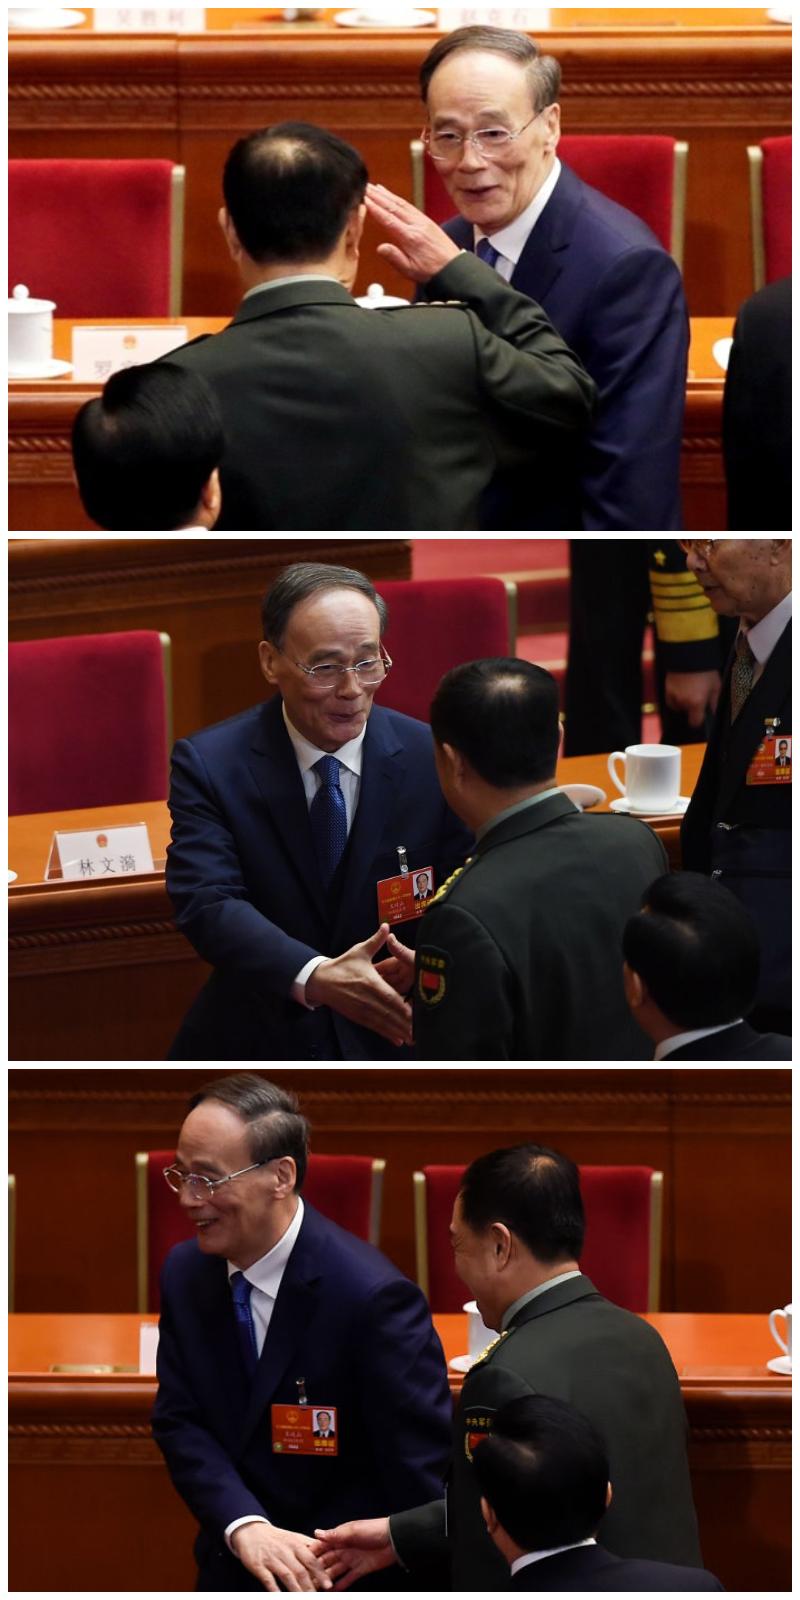 傳出被調查的軍委副主席給「回歸」的王岐山行軍禮。(Getty Images/推特合成圖)